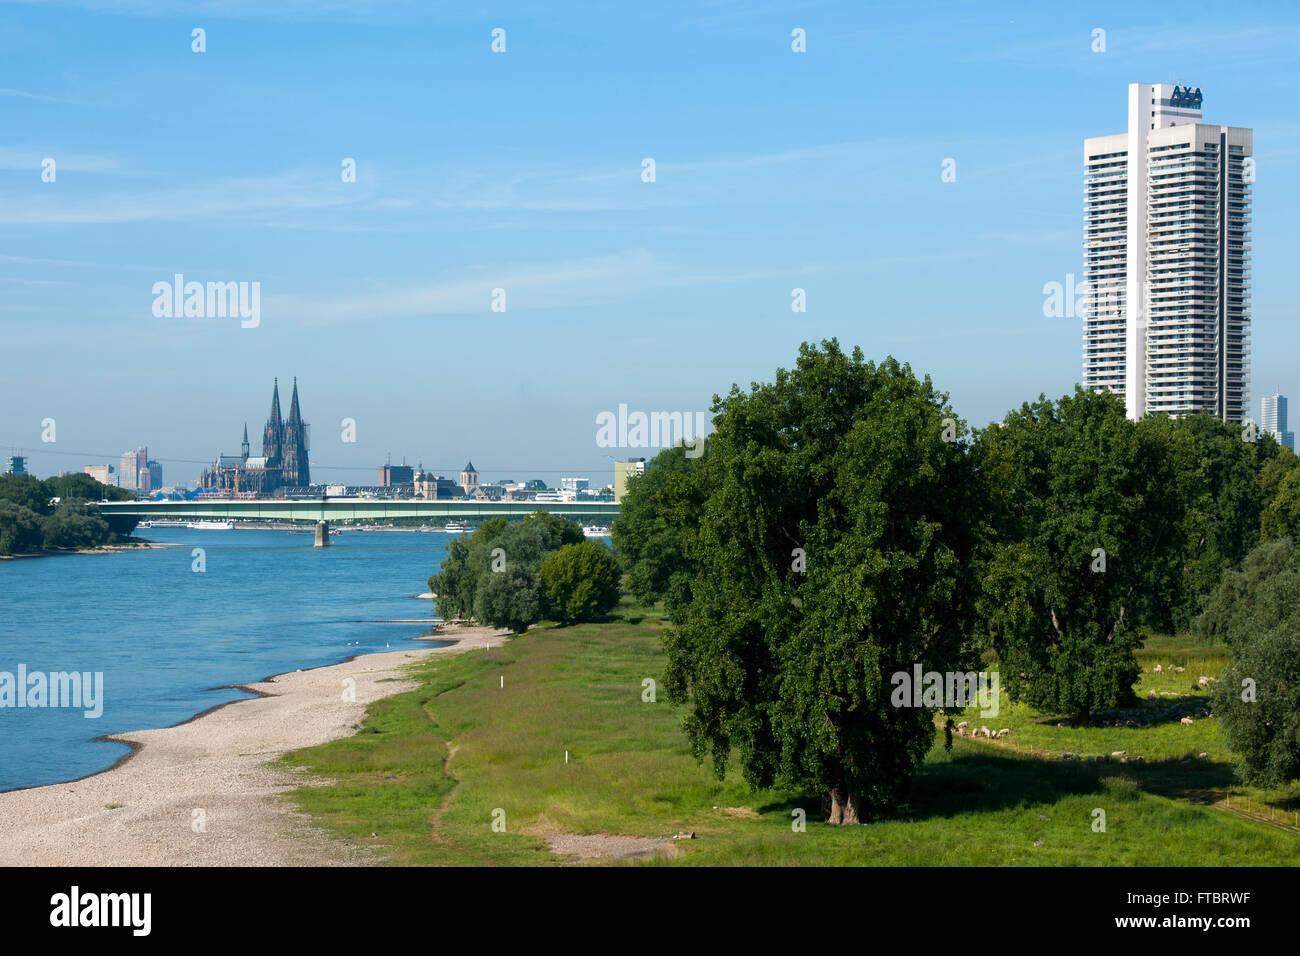 Deutschland, Köln, Blick von der Mühlheimer Brücke auf das linke Rheinufer mit einer Herde Schafe, Blick zum Colonia Stock Photo